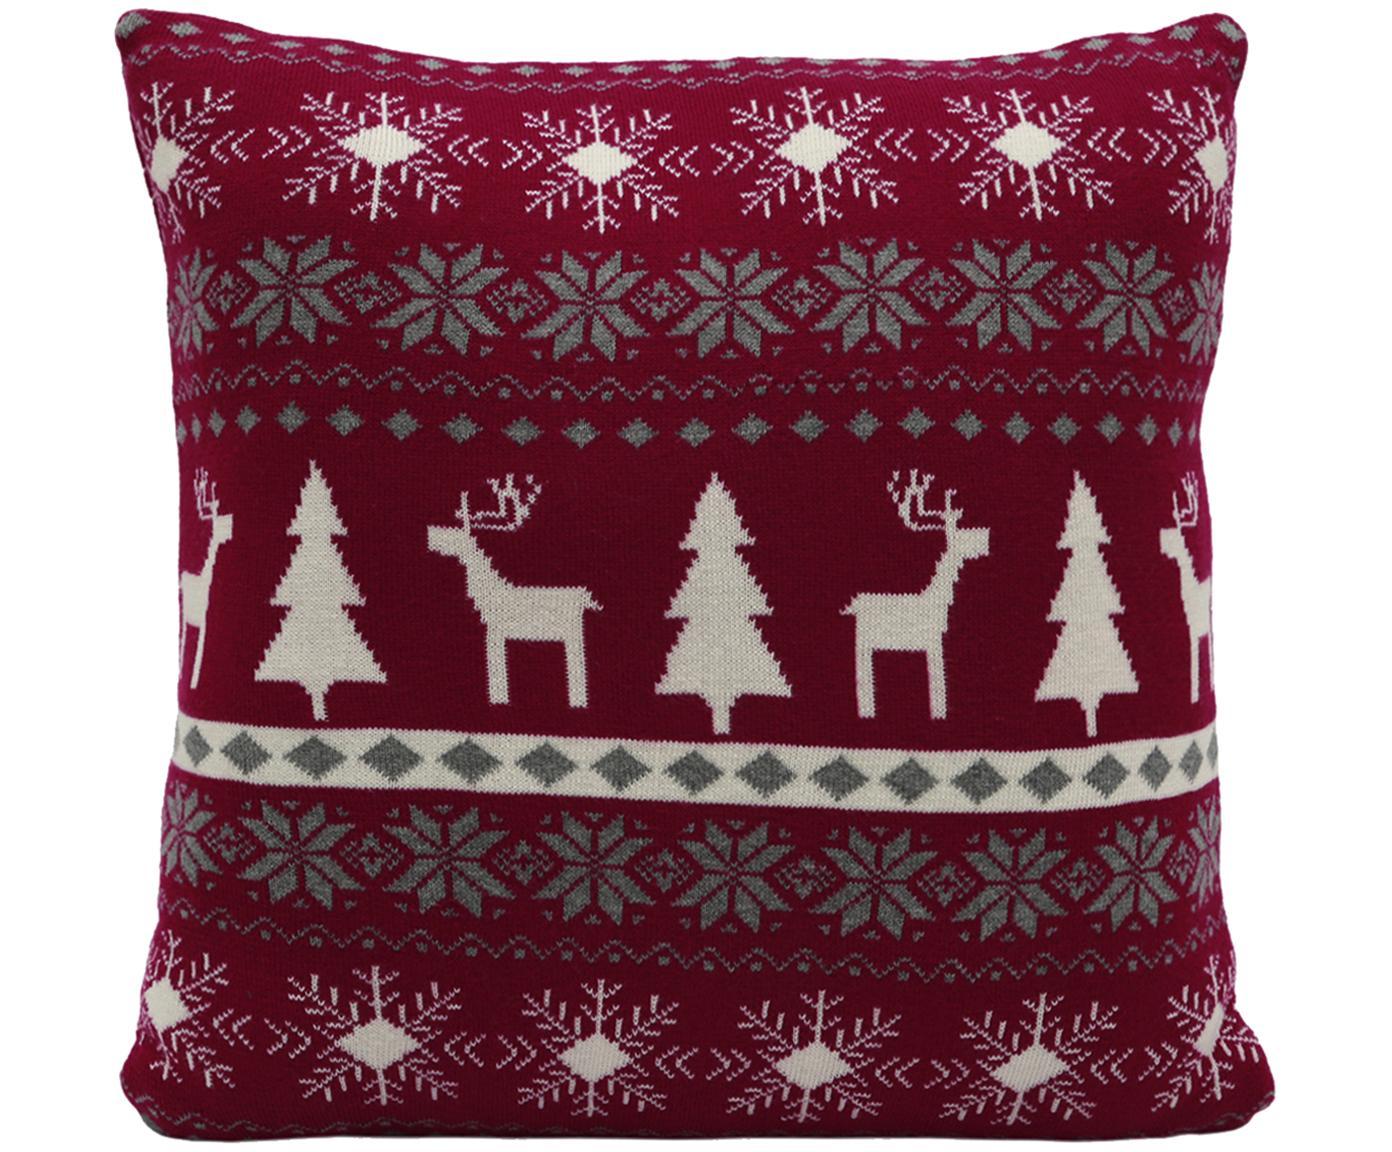 Federa natalizia lavorata a maglia David, Cotone, Rosso scuro, crema, grigio, Larg. 40 x Lung. 40 cm